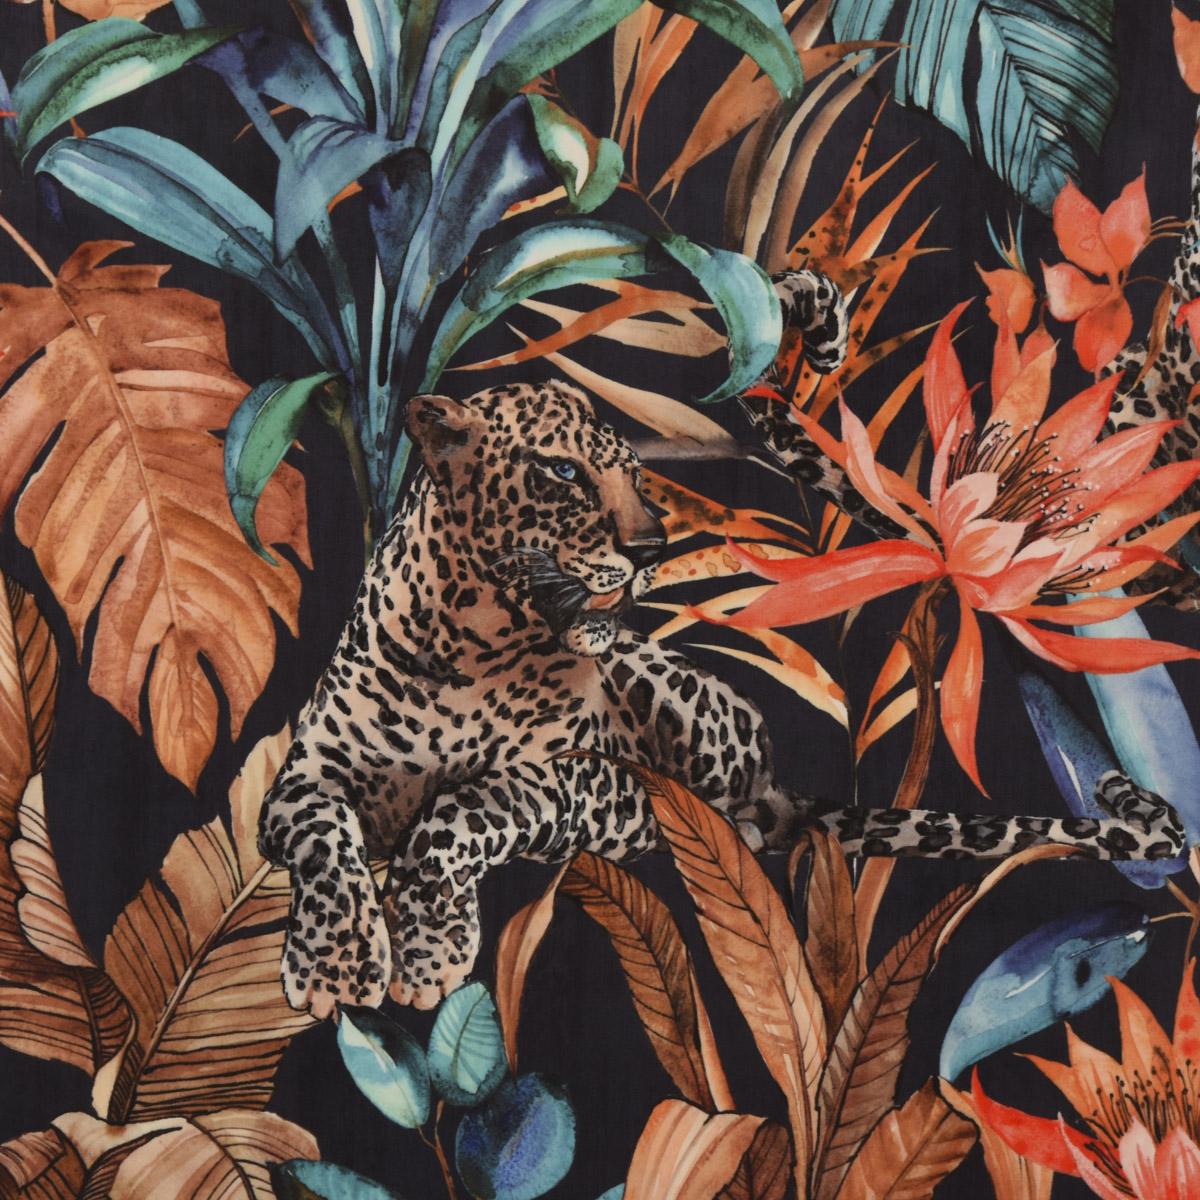 Samtstoff Dekostoff Velvet Samt Leopard Fantasy Jungle Dschungel schwarz orange blau 1,45m